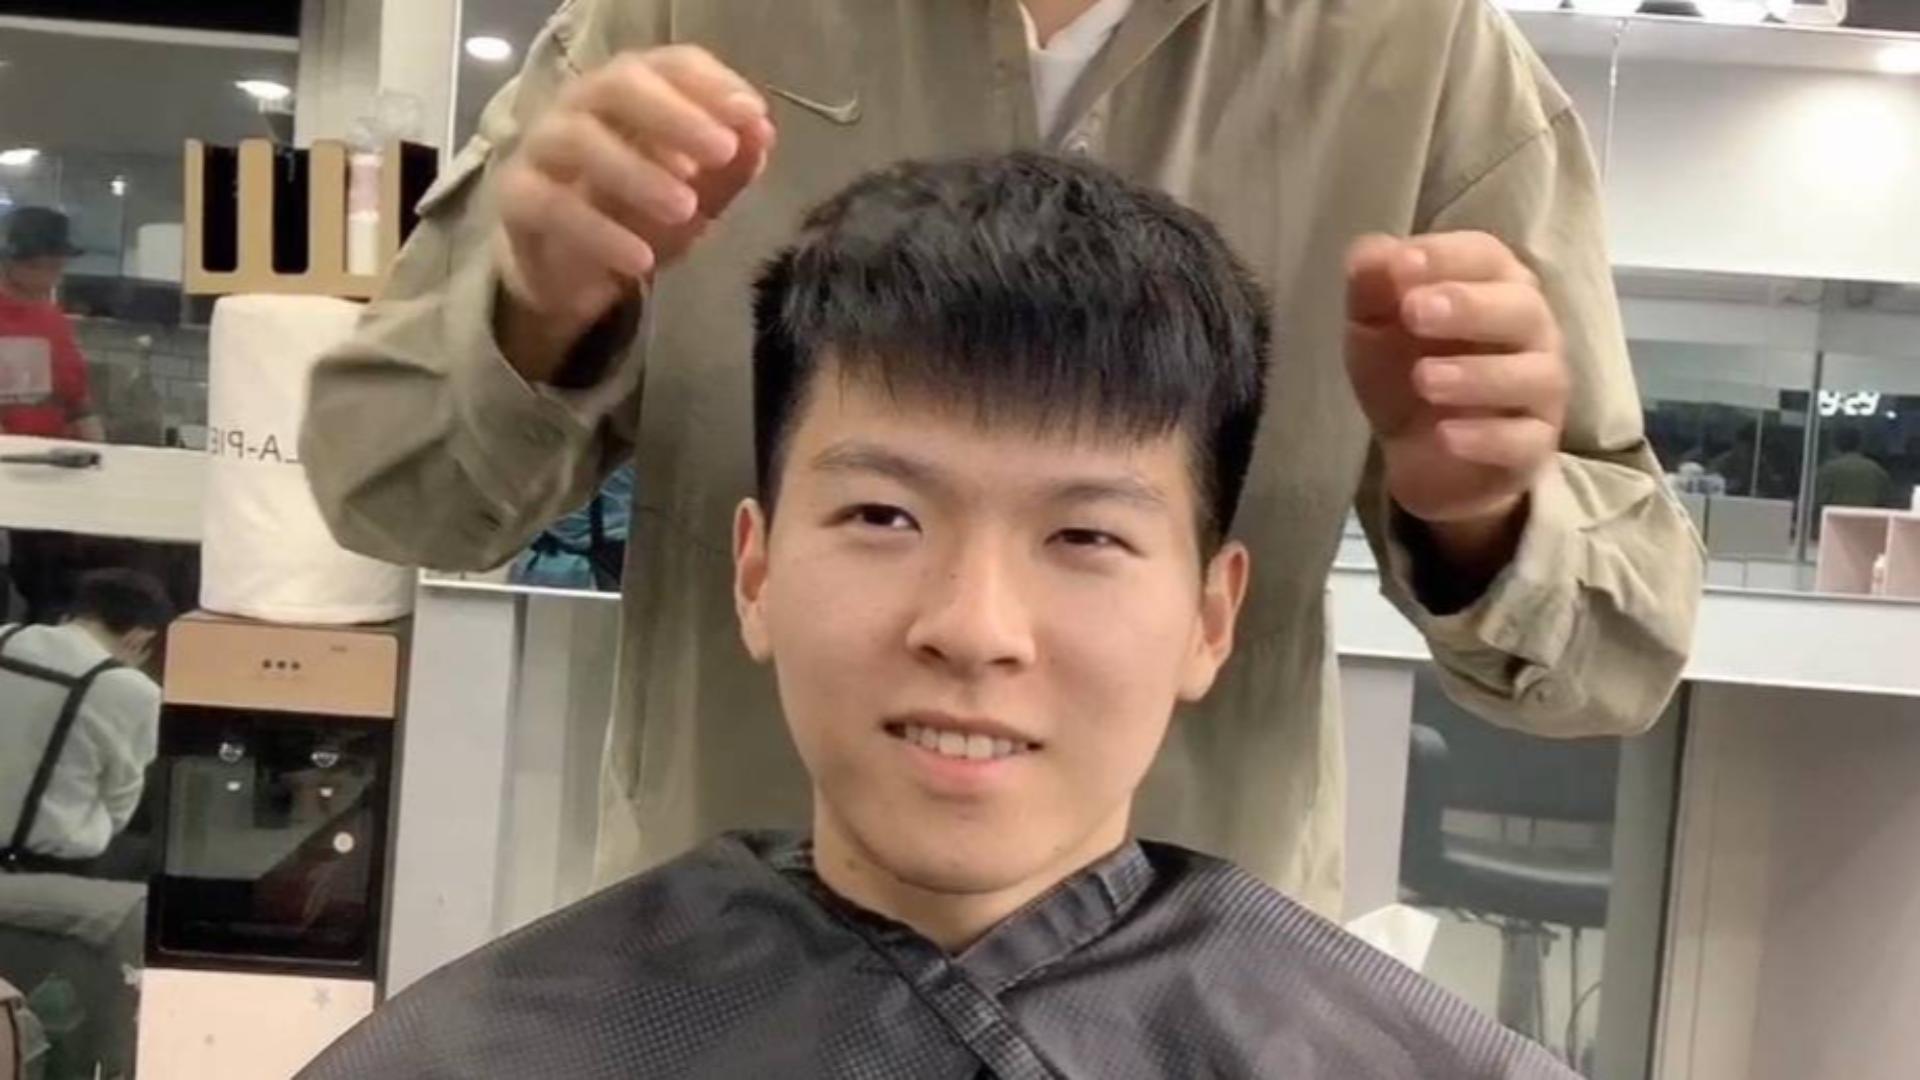 剪完头发像锅盖,难打理?这款钢夹烫,自然又有型,帅气不做作!